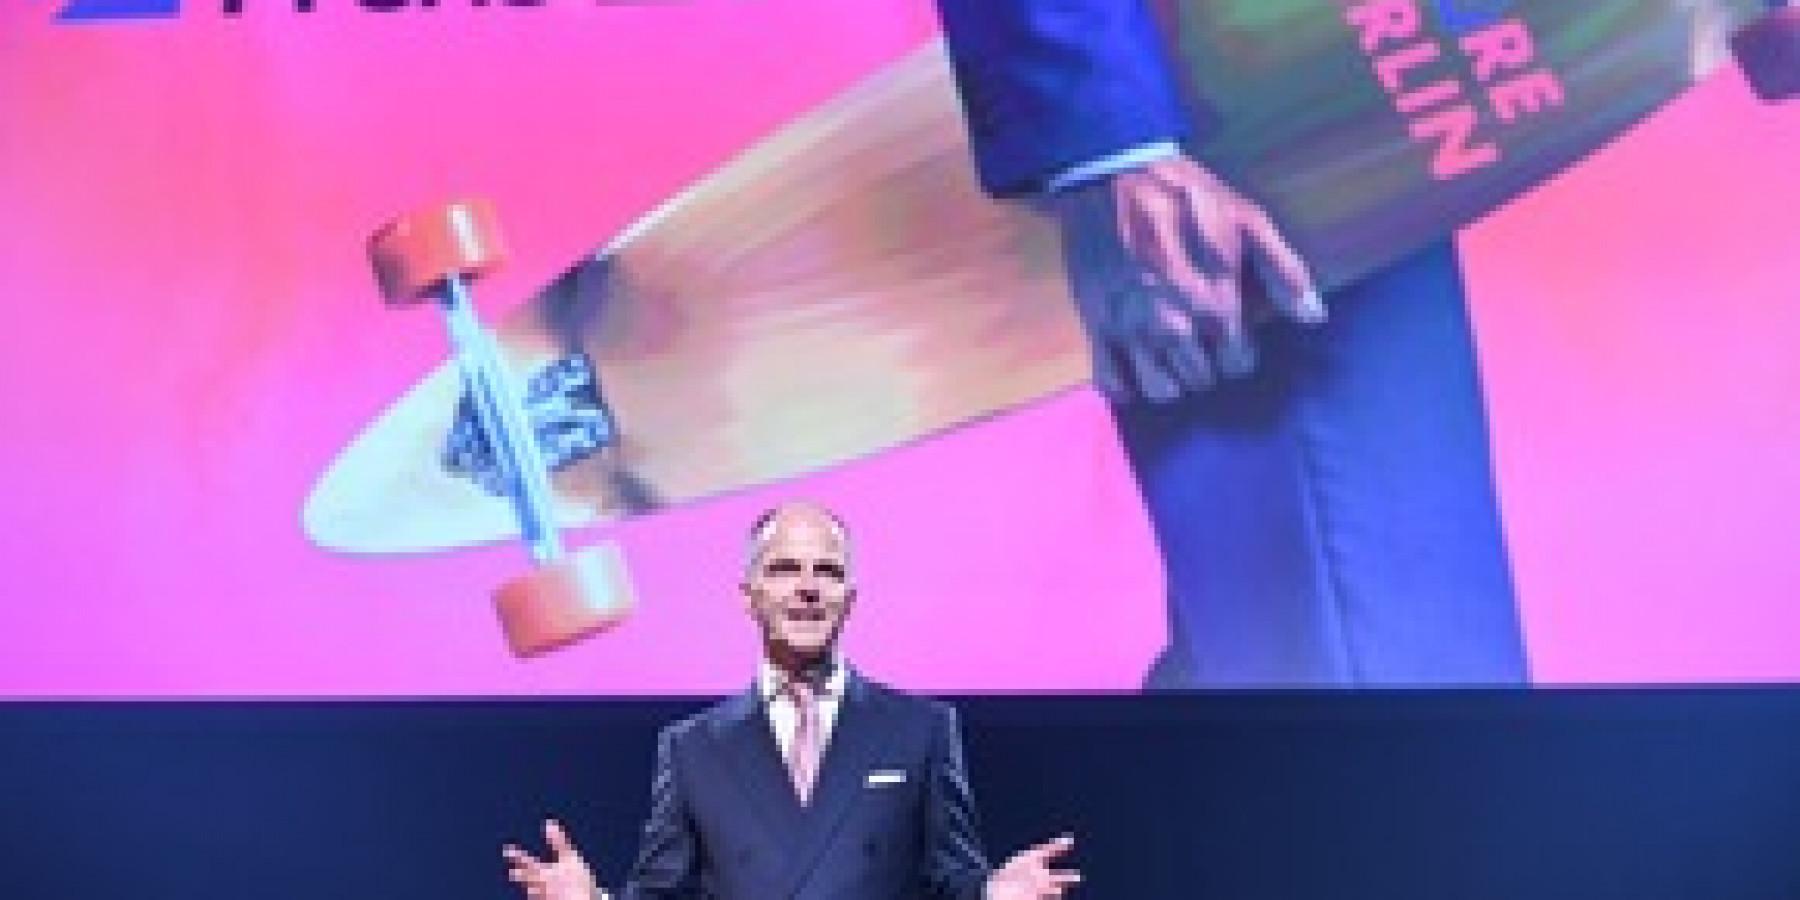 Messe Berlin eröffnet neue Messe- und Kongresshalle hub27